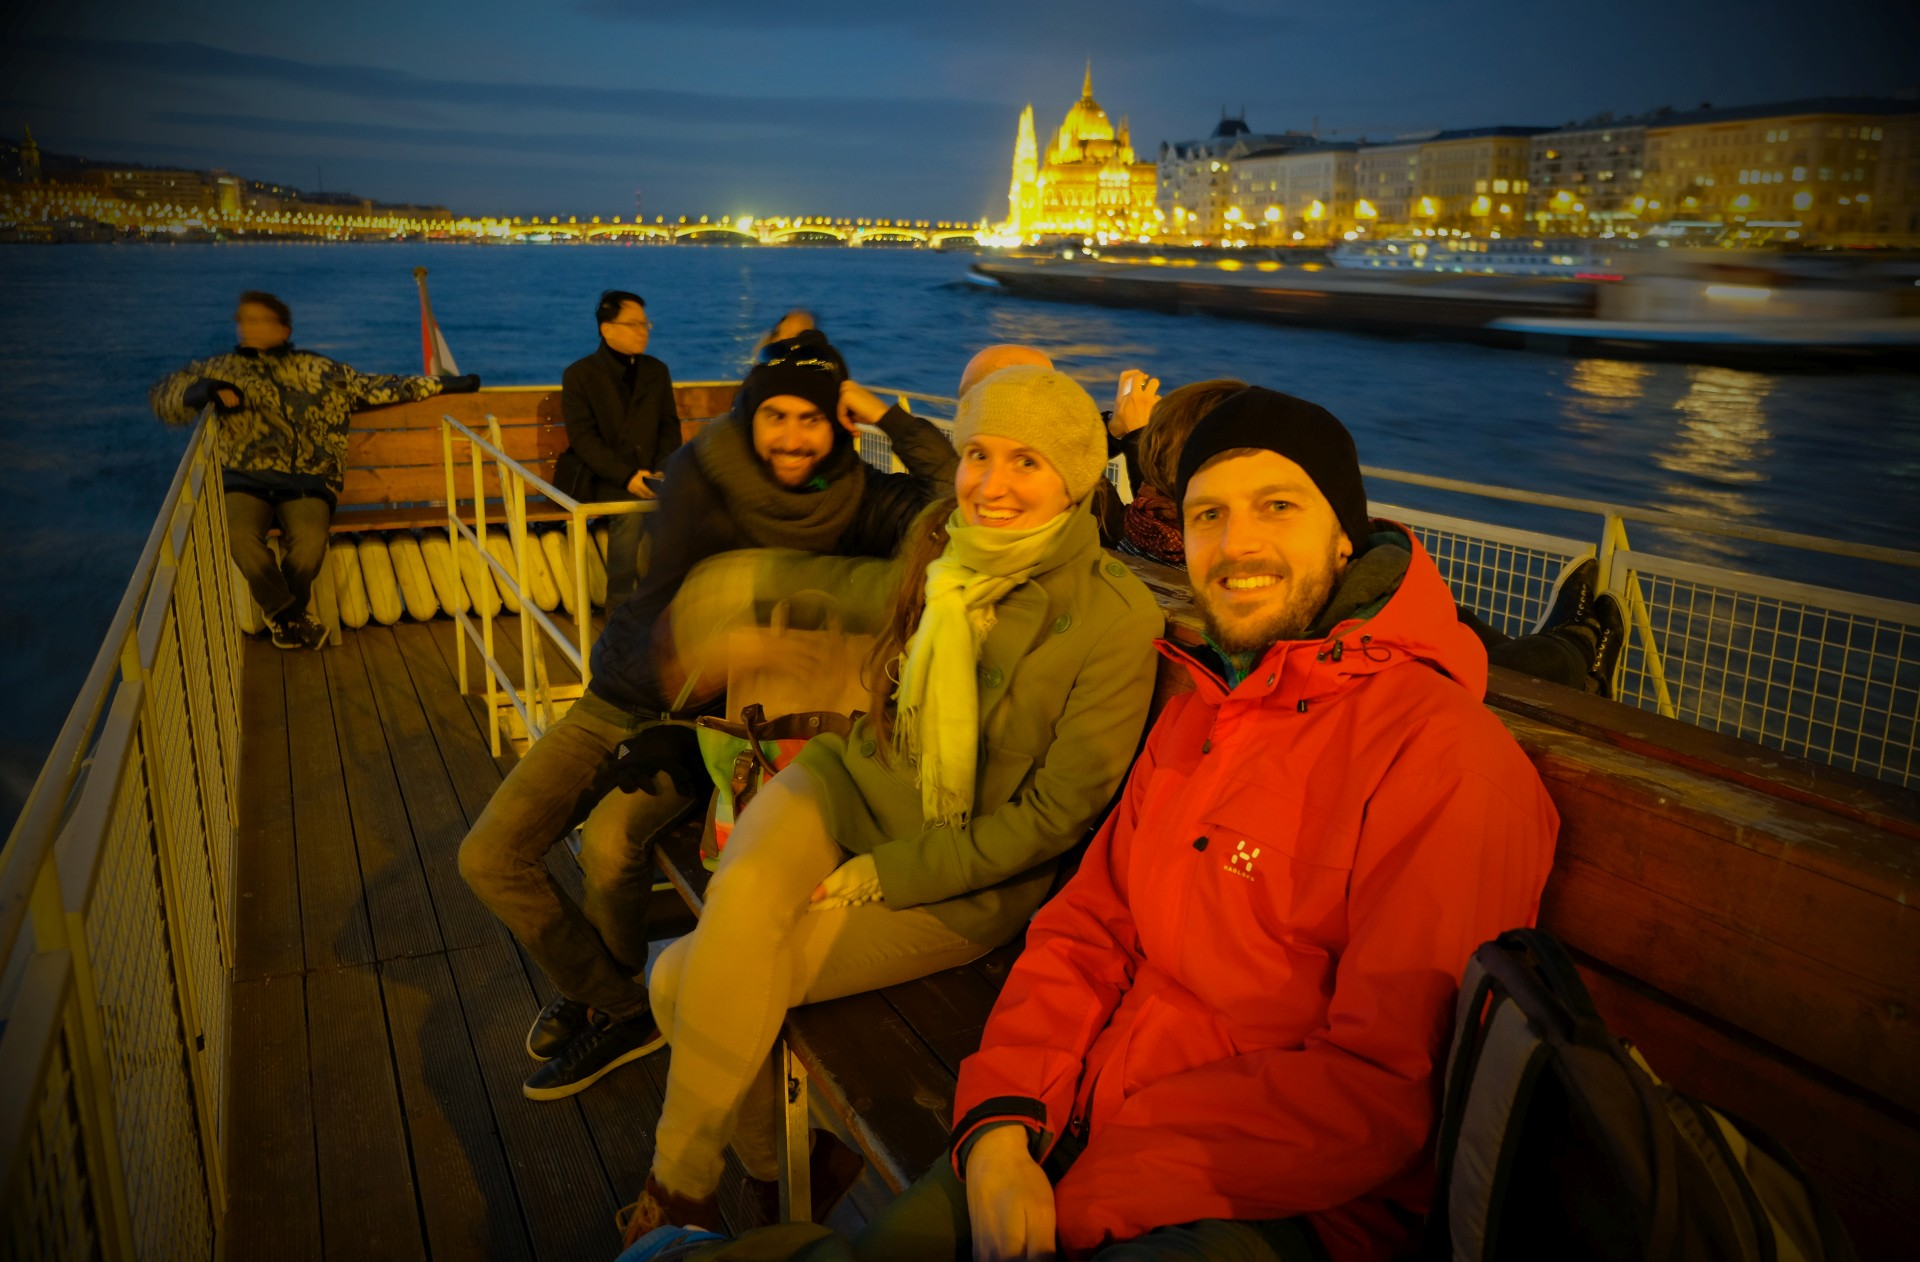 Lali, Dorka und Sebastian auf einem Schiff